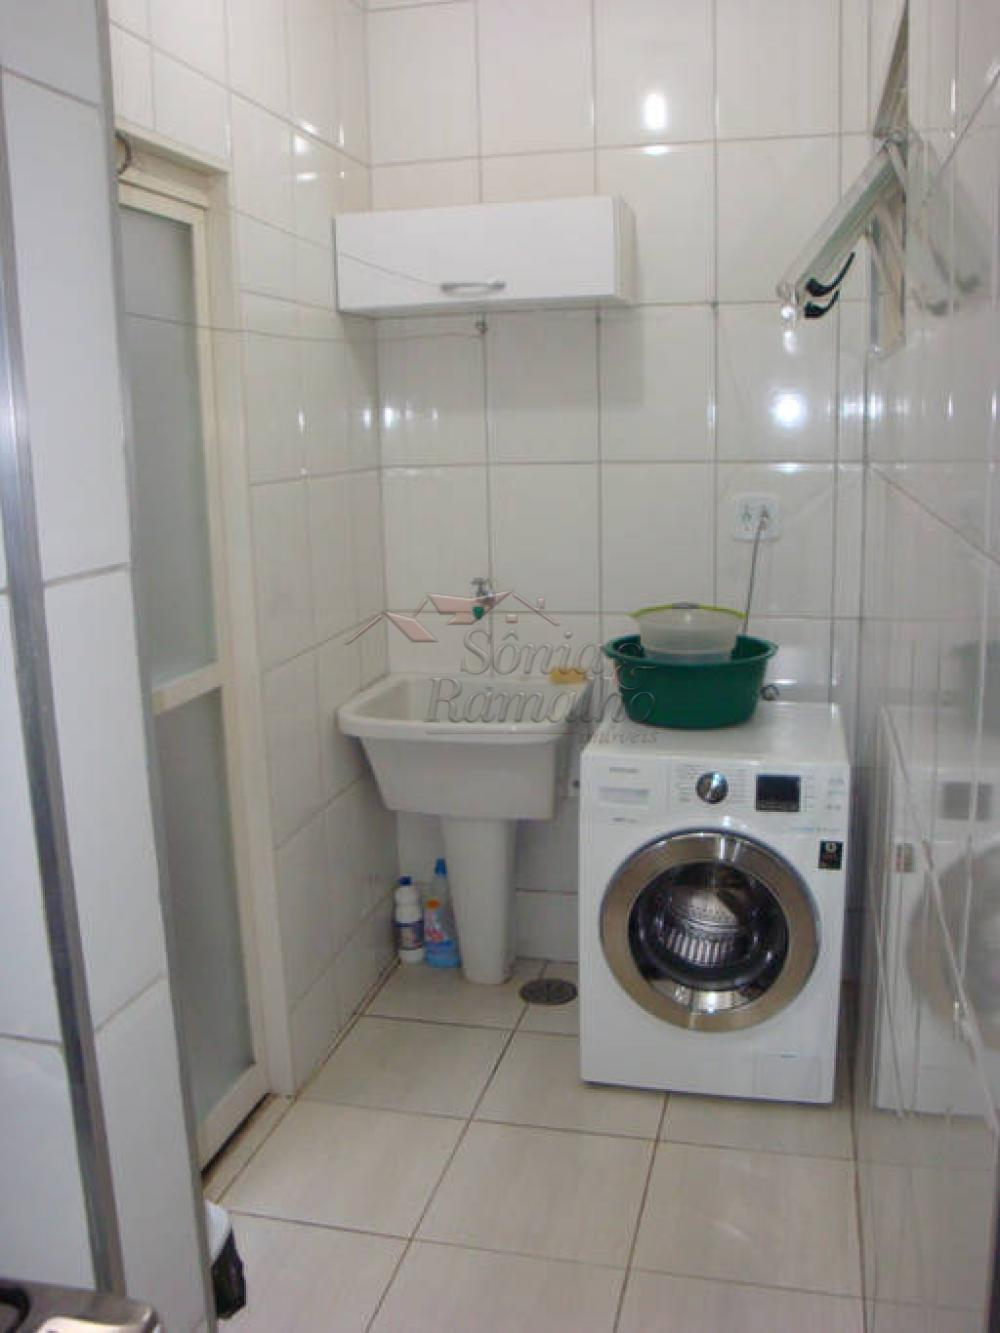 Comprar Apartamentos / Padrão em Ribeirão Preto apenas R$ 210.000,00 - Foto 11